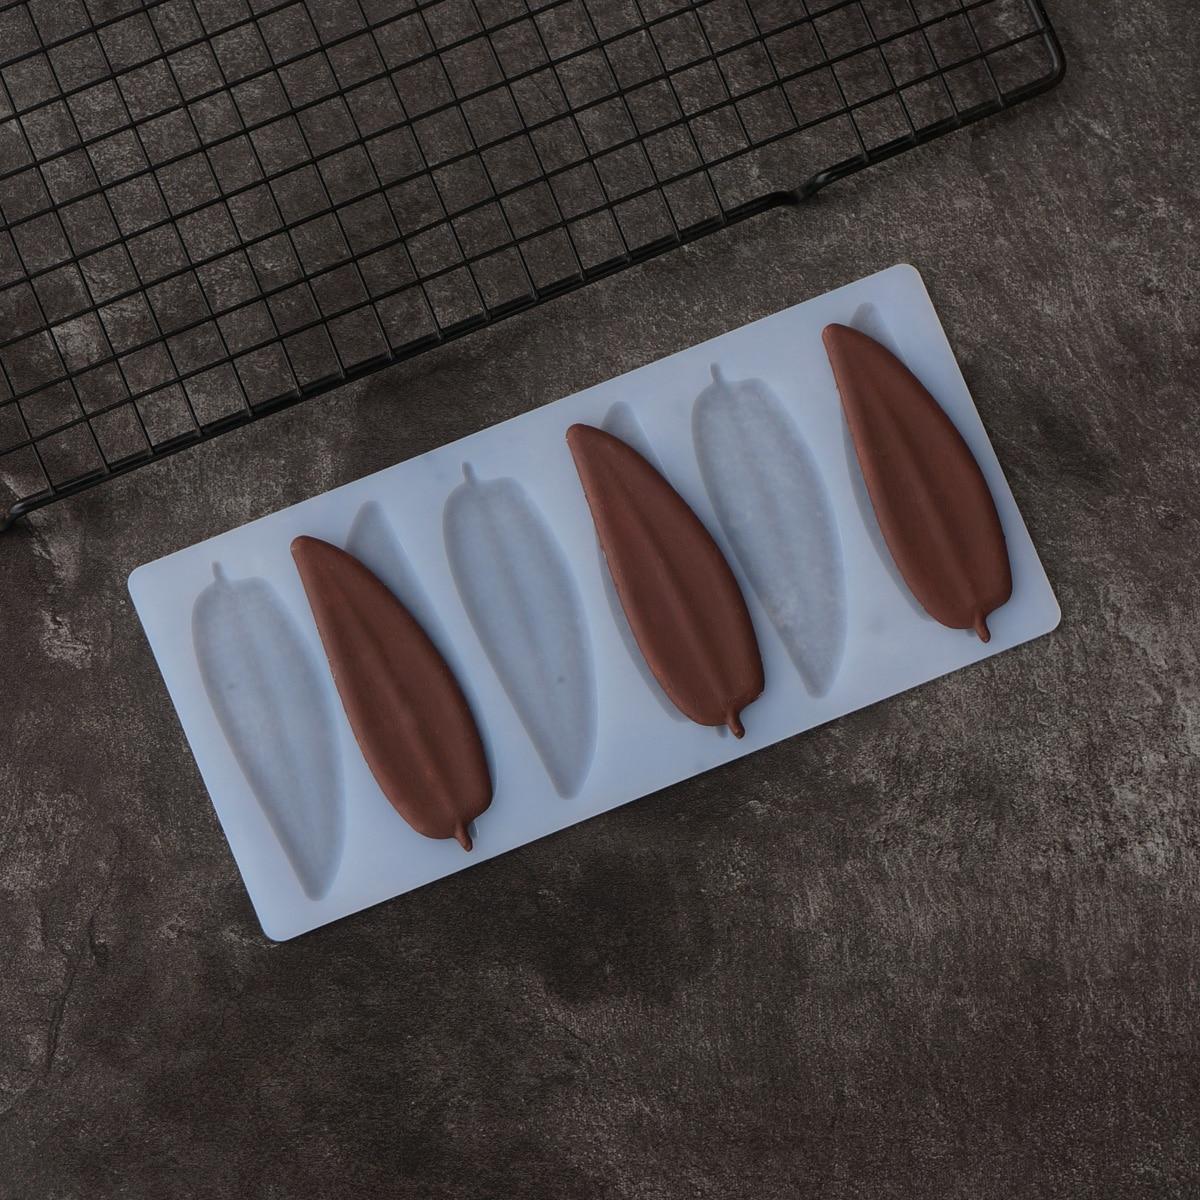 Длинная узкая форма листа шоколадная форма для украшения торта Lanceolate листья для переноса шоколада форма для выпечки трафарет Chablon